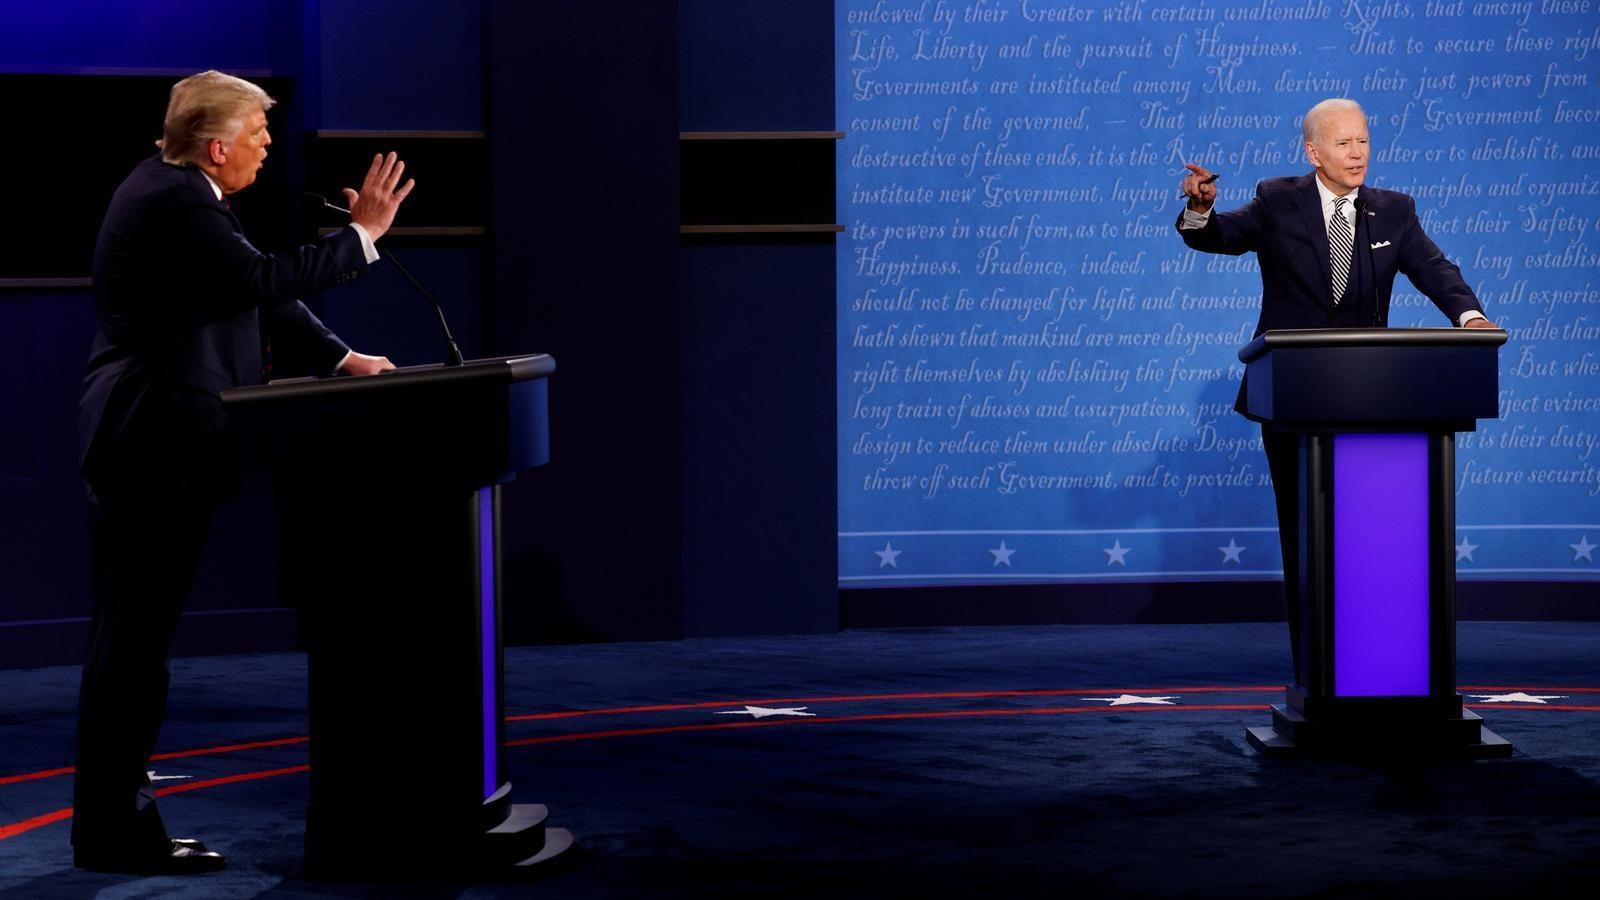 Una imatge del primer debat entre Donald Trump i Joe Biden, celebrat a Cleveland, Ohio, el passat 29 de setembre